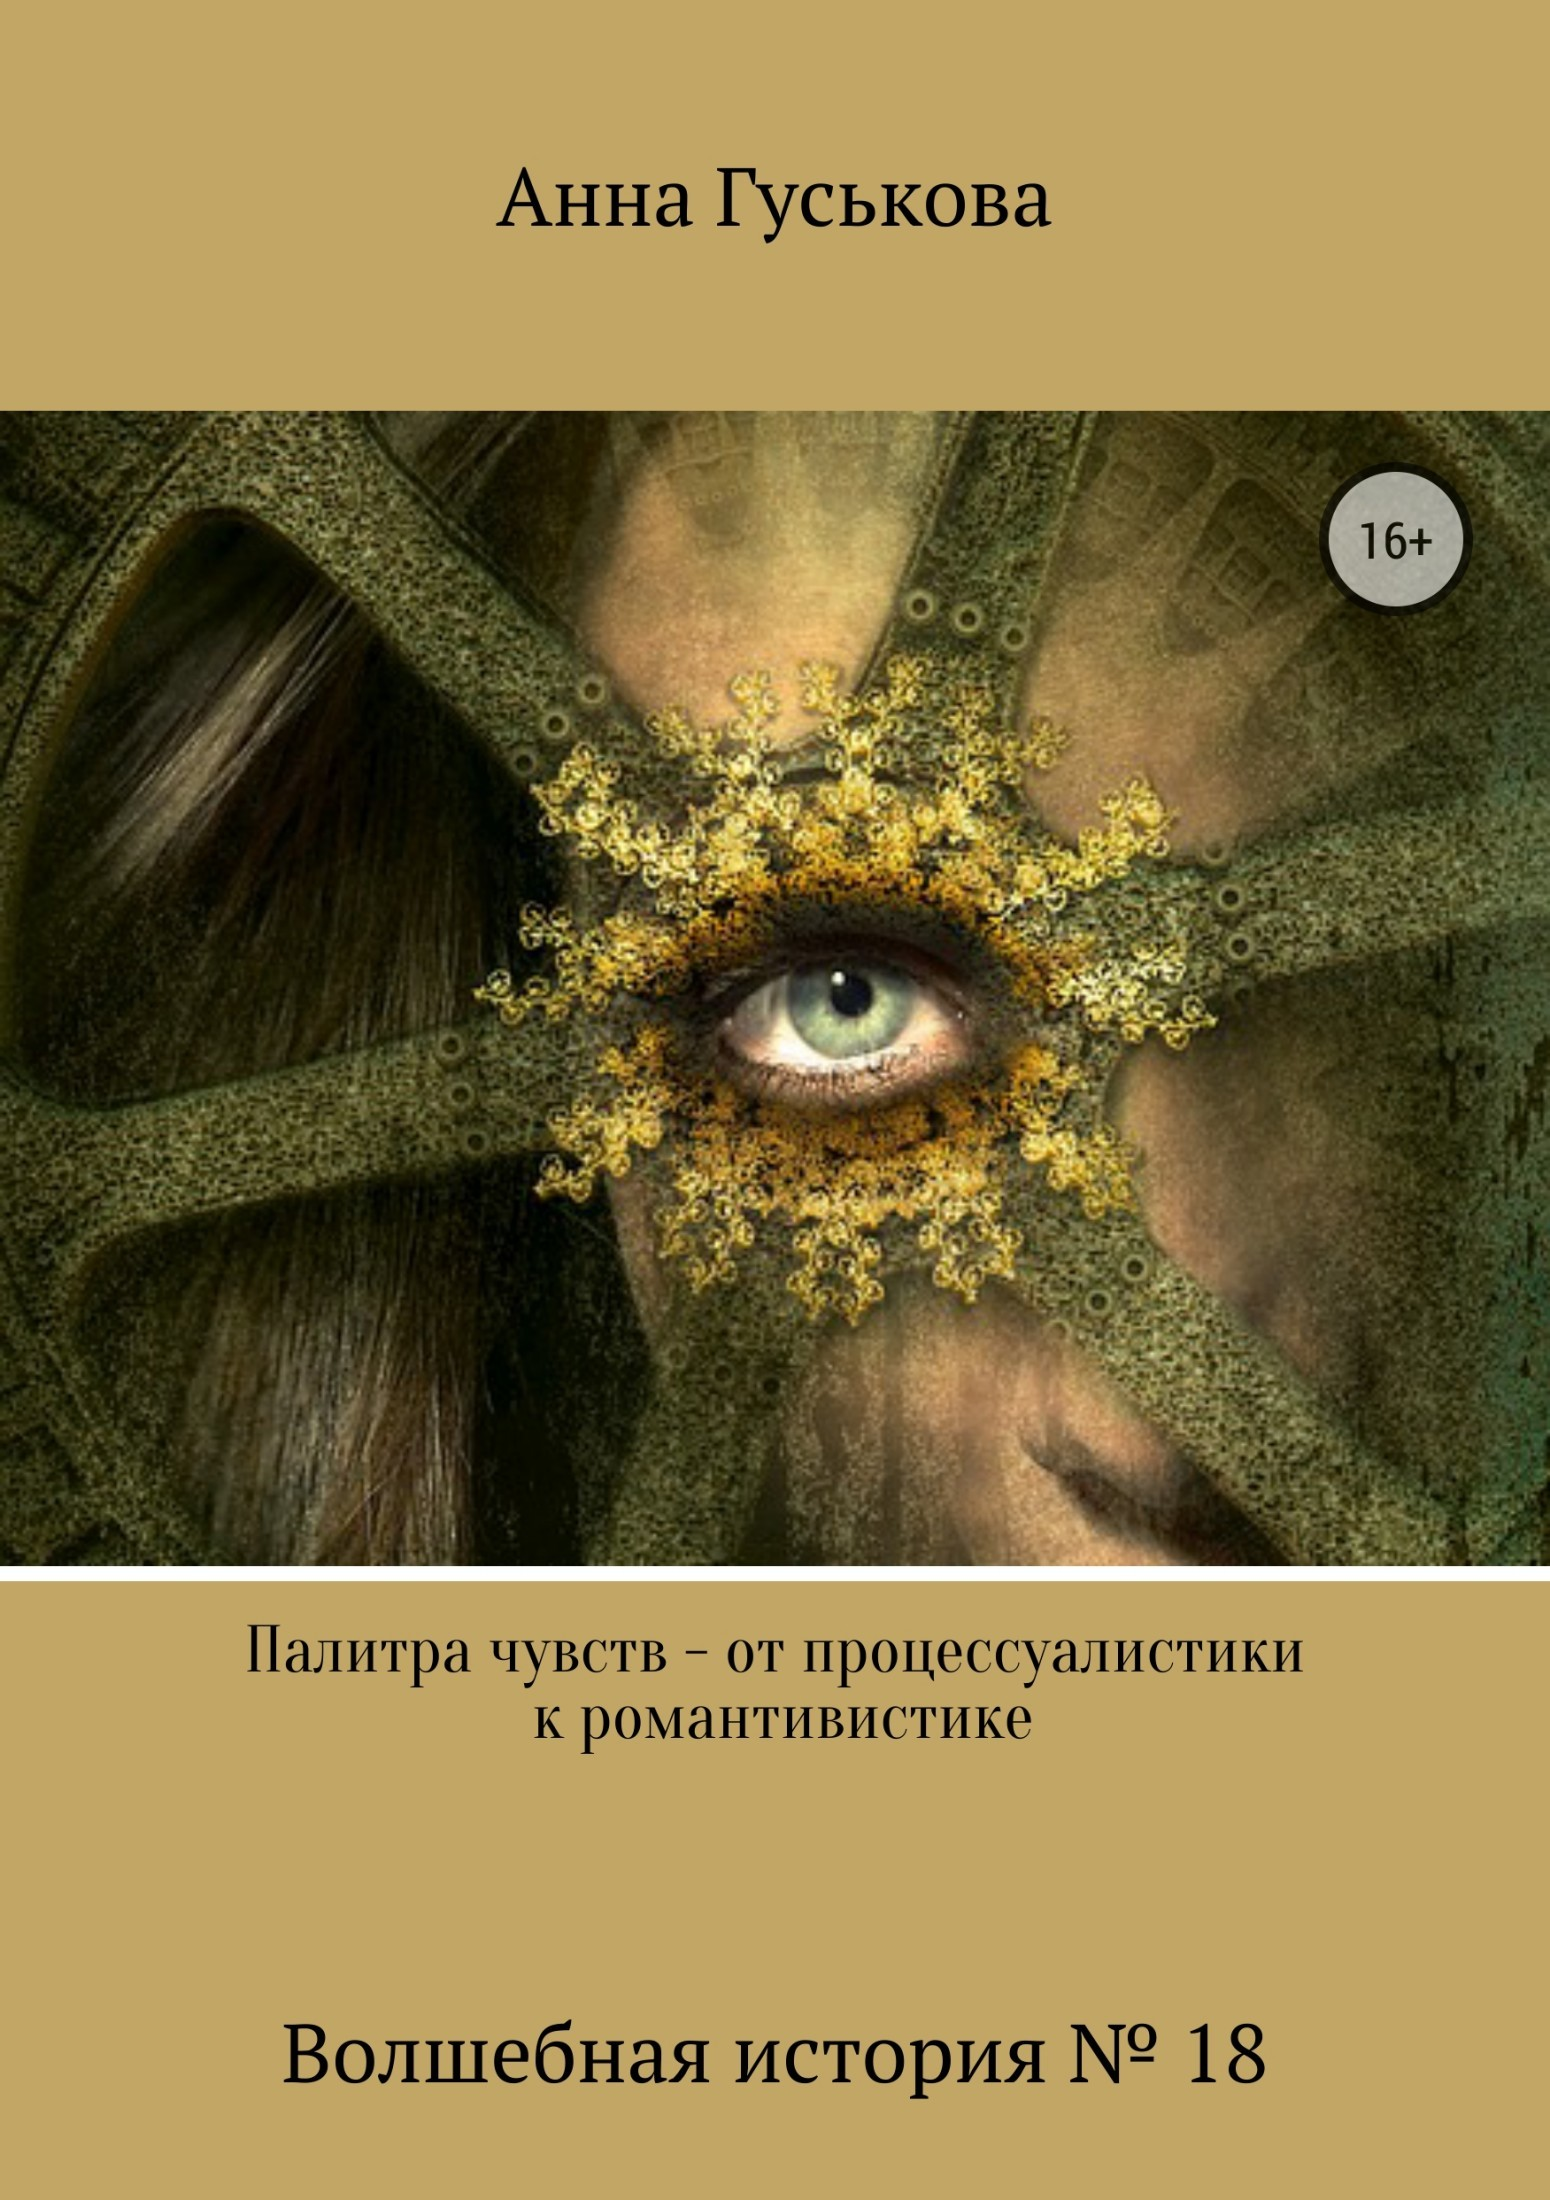 Волшебная история № 18. Палитра чувств – от процессуалистики к романтивистике